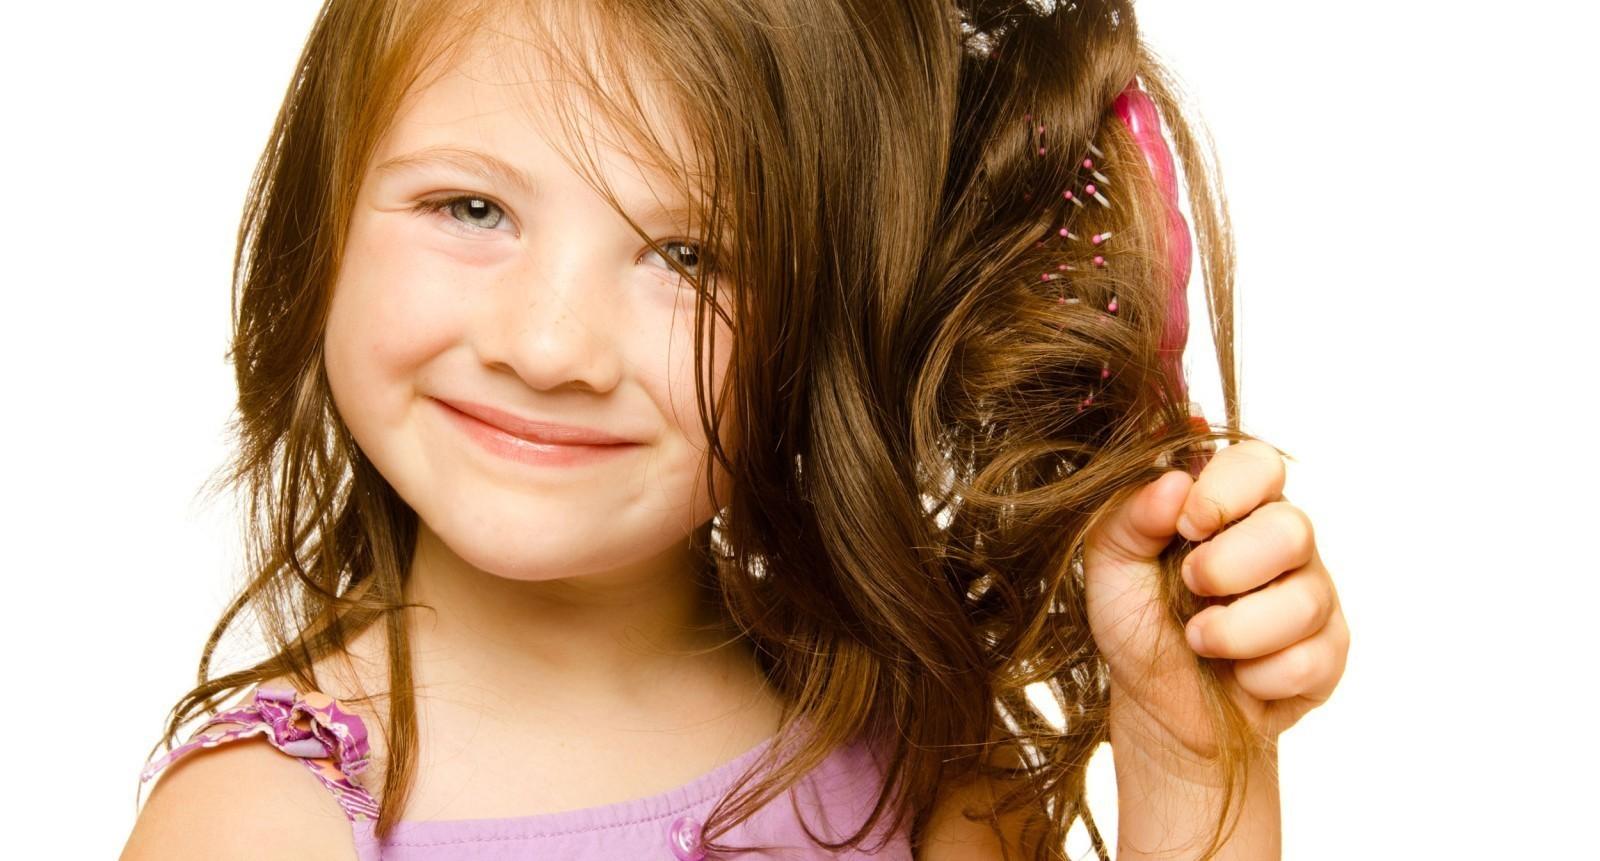 Waschen Sie das Haar Ihres Kindes mit gutem Shampoo, entdecken Sie die guten Shampoos für Kinder